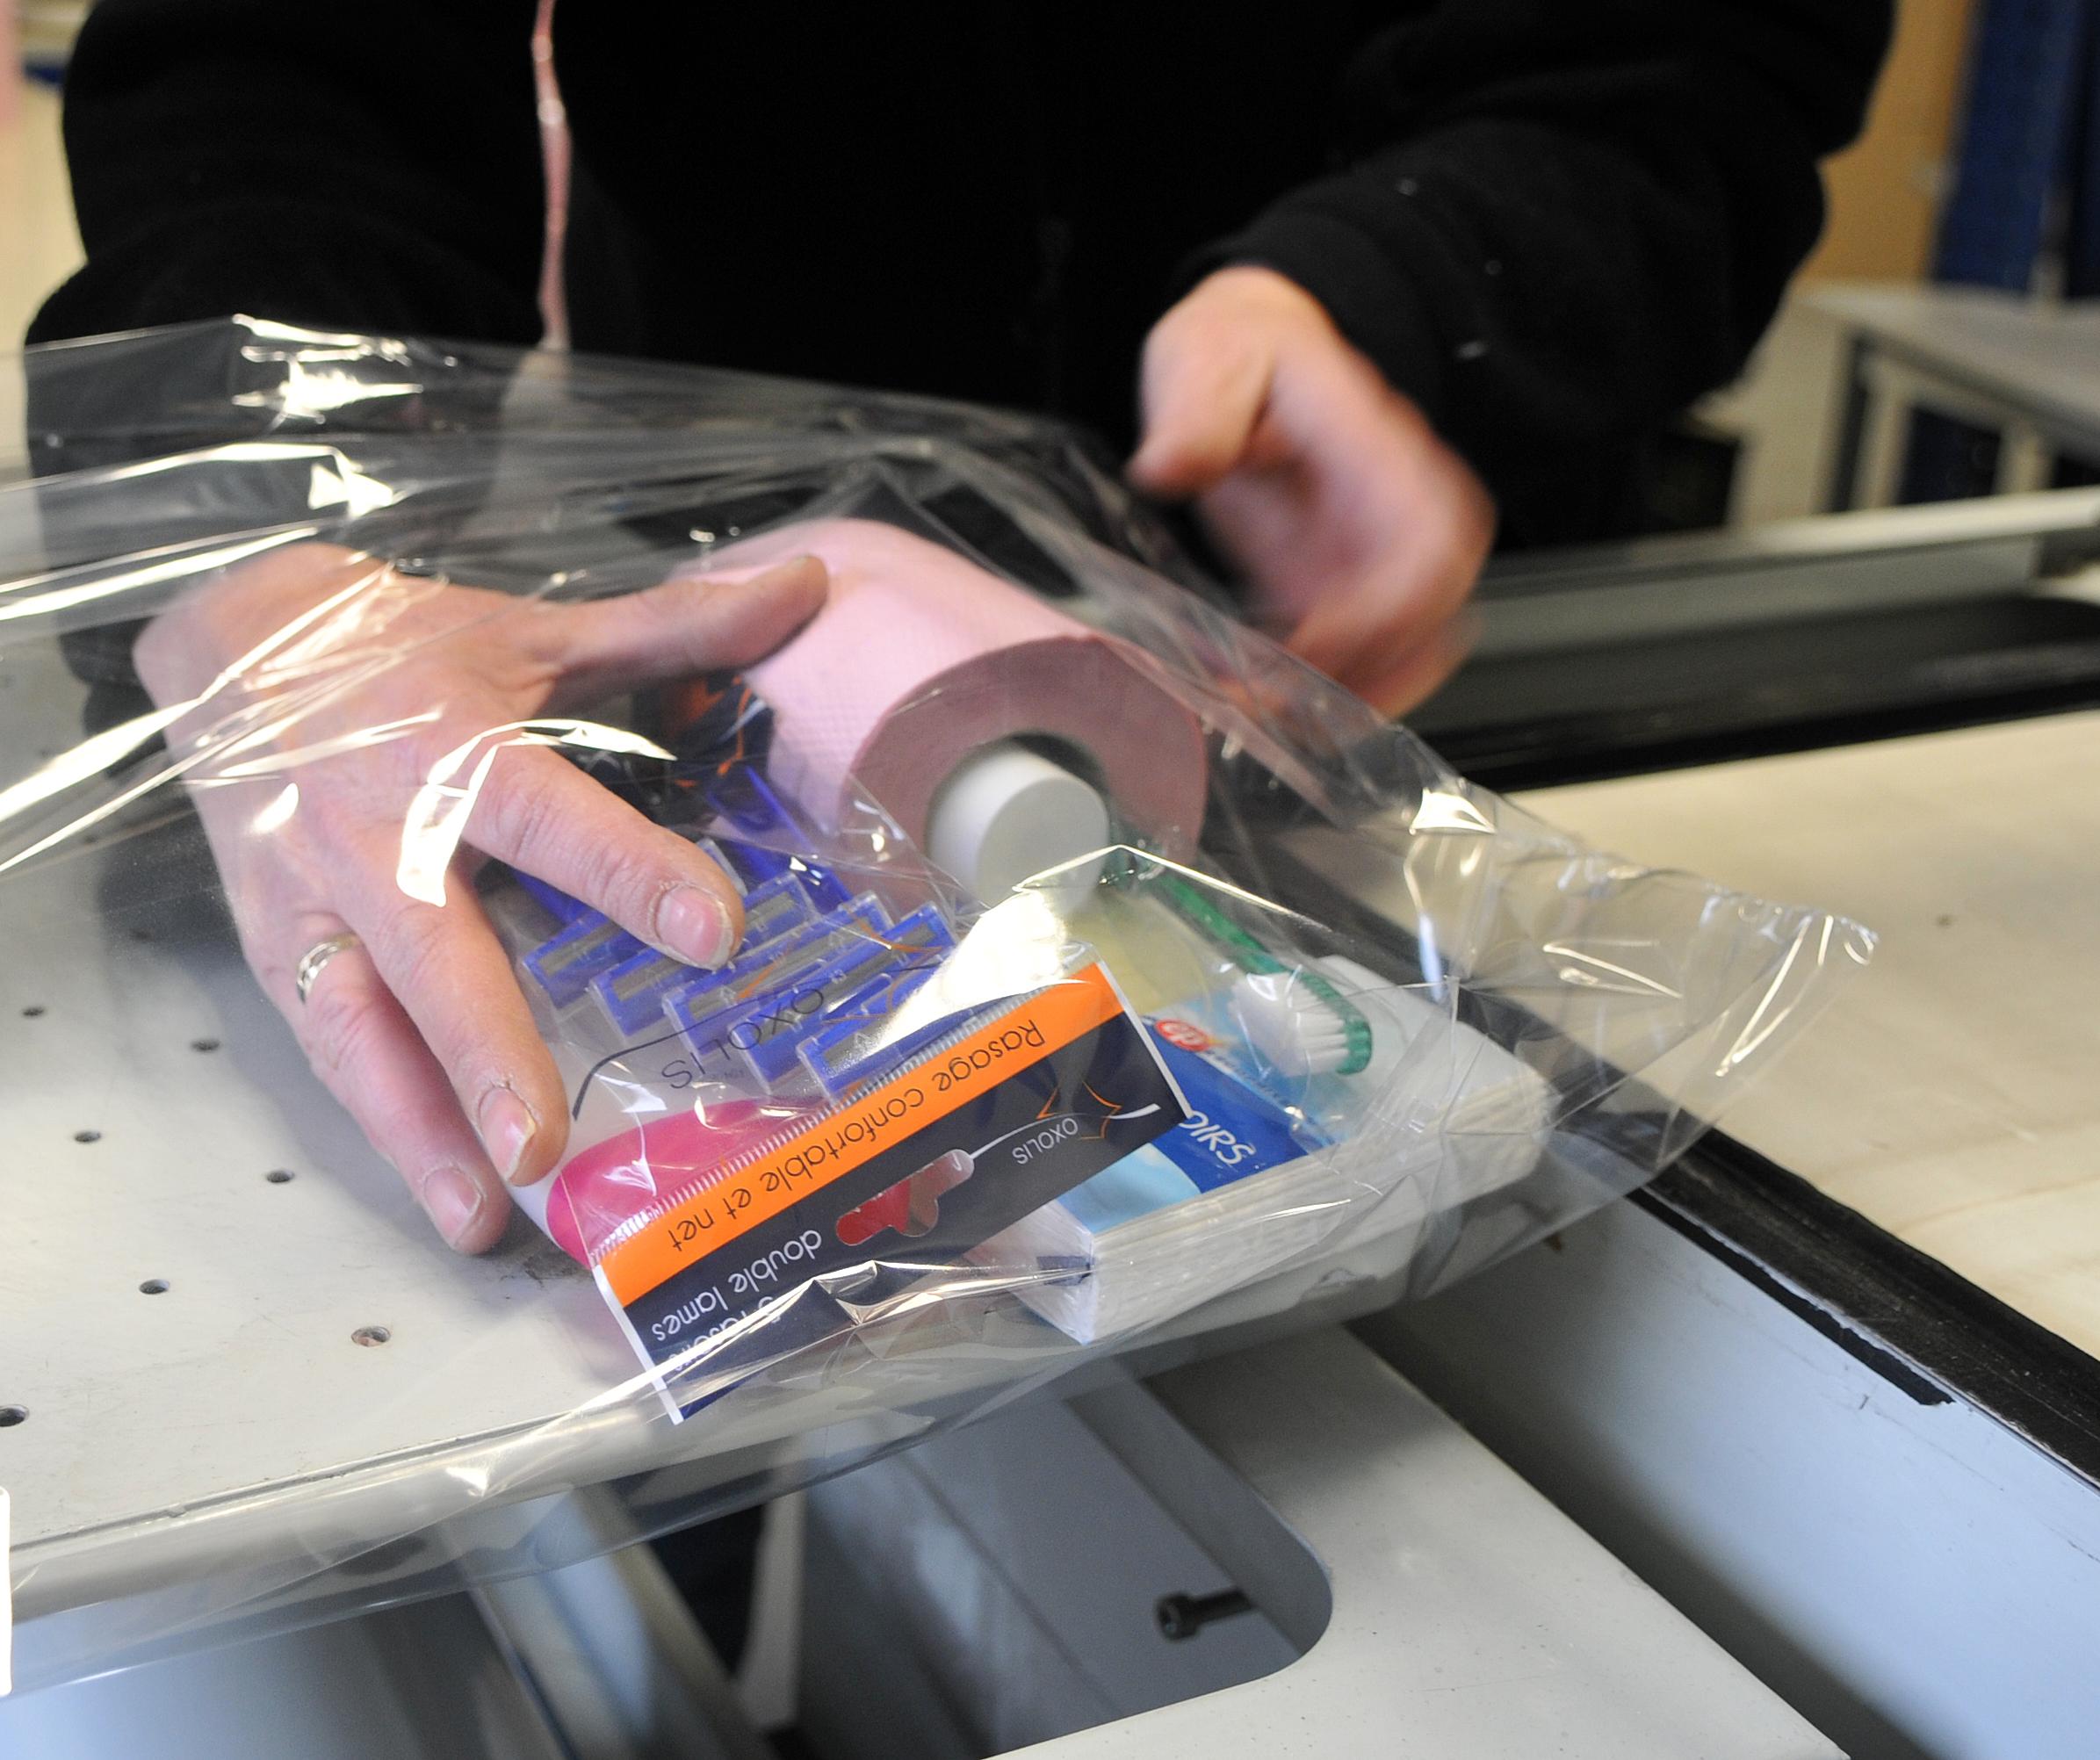 Kit - sur mesure - professionnel - grossiste - hygiène - consommation